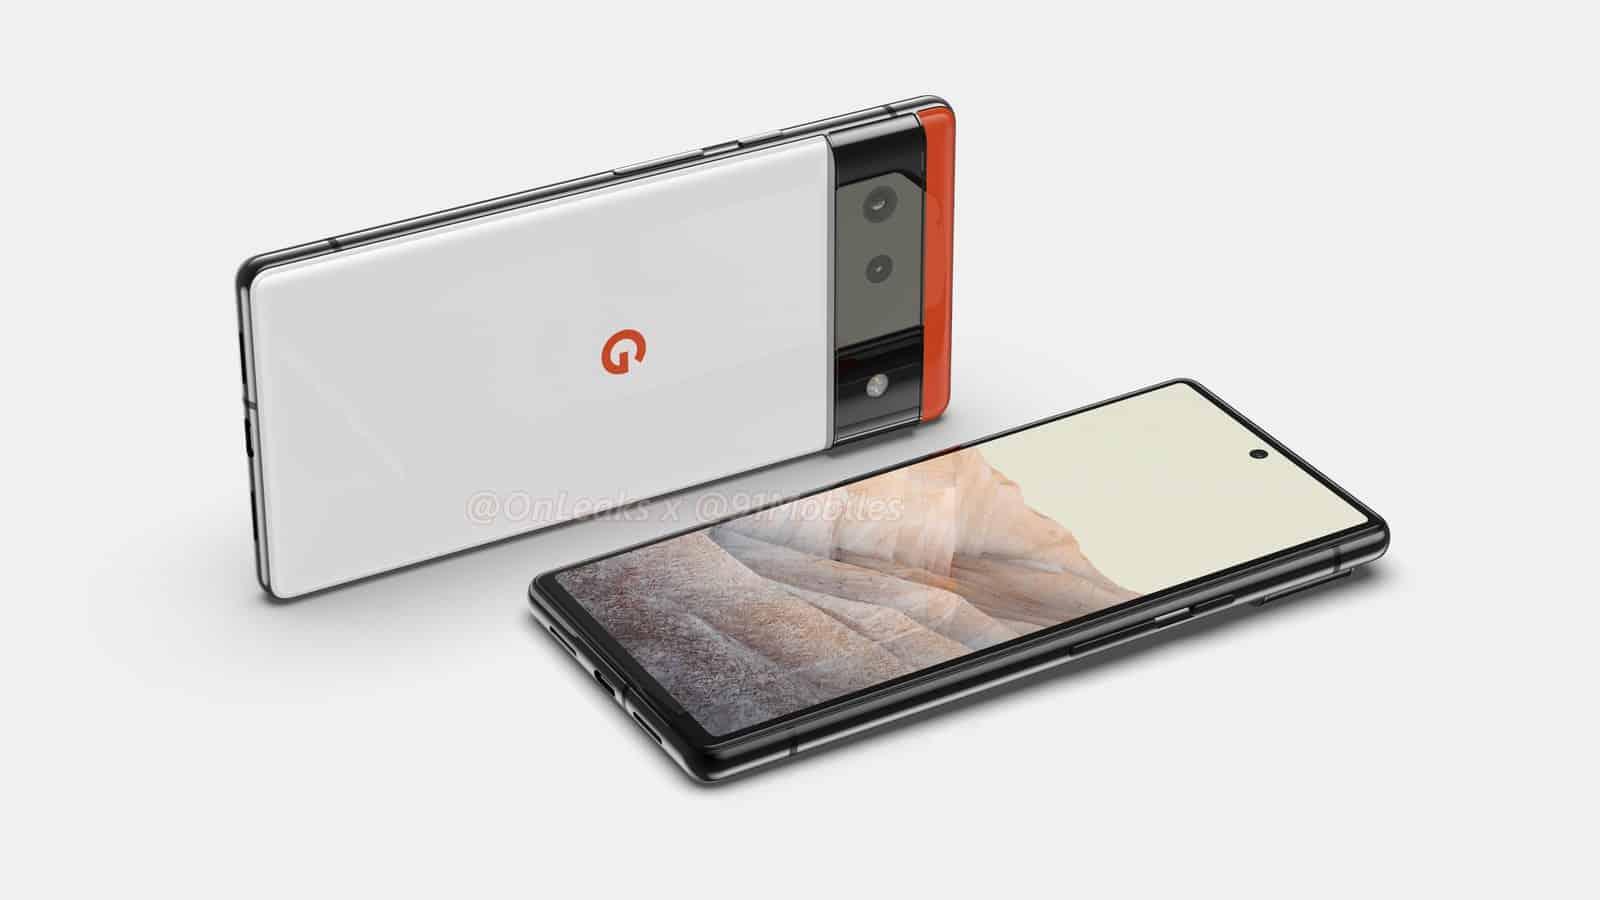 Google Pixel 6 Series Display Resolutions, Selfie Flash & More